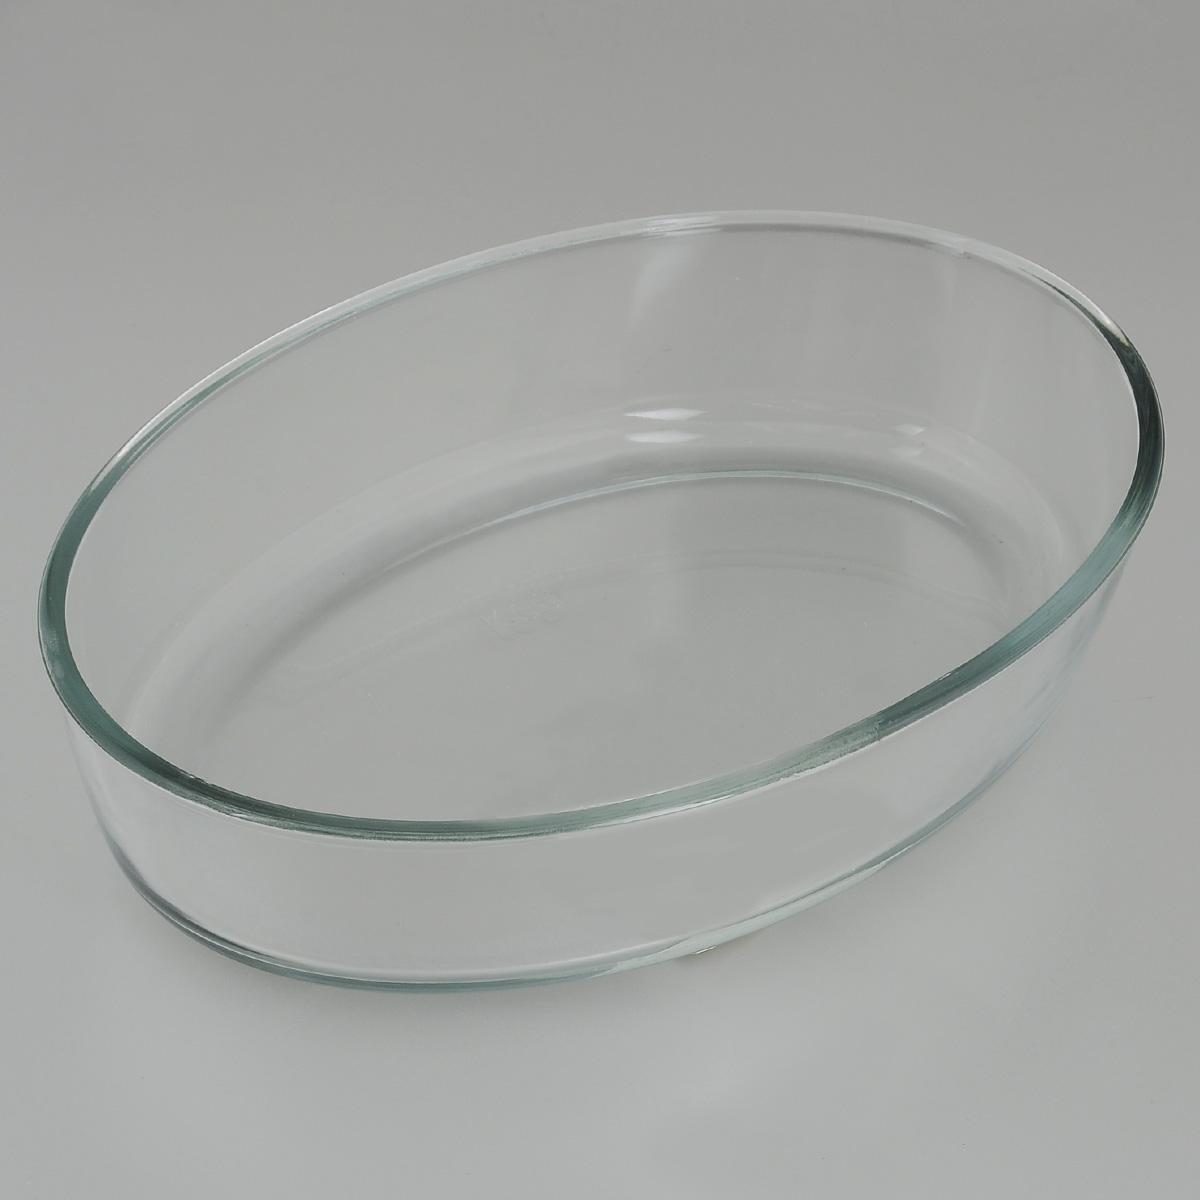 Форма для запекания Едим Дома, овальная, 30 х 21 см форма для запекания едим дома прованс овальная 31 см х 25 см